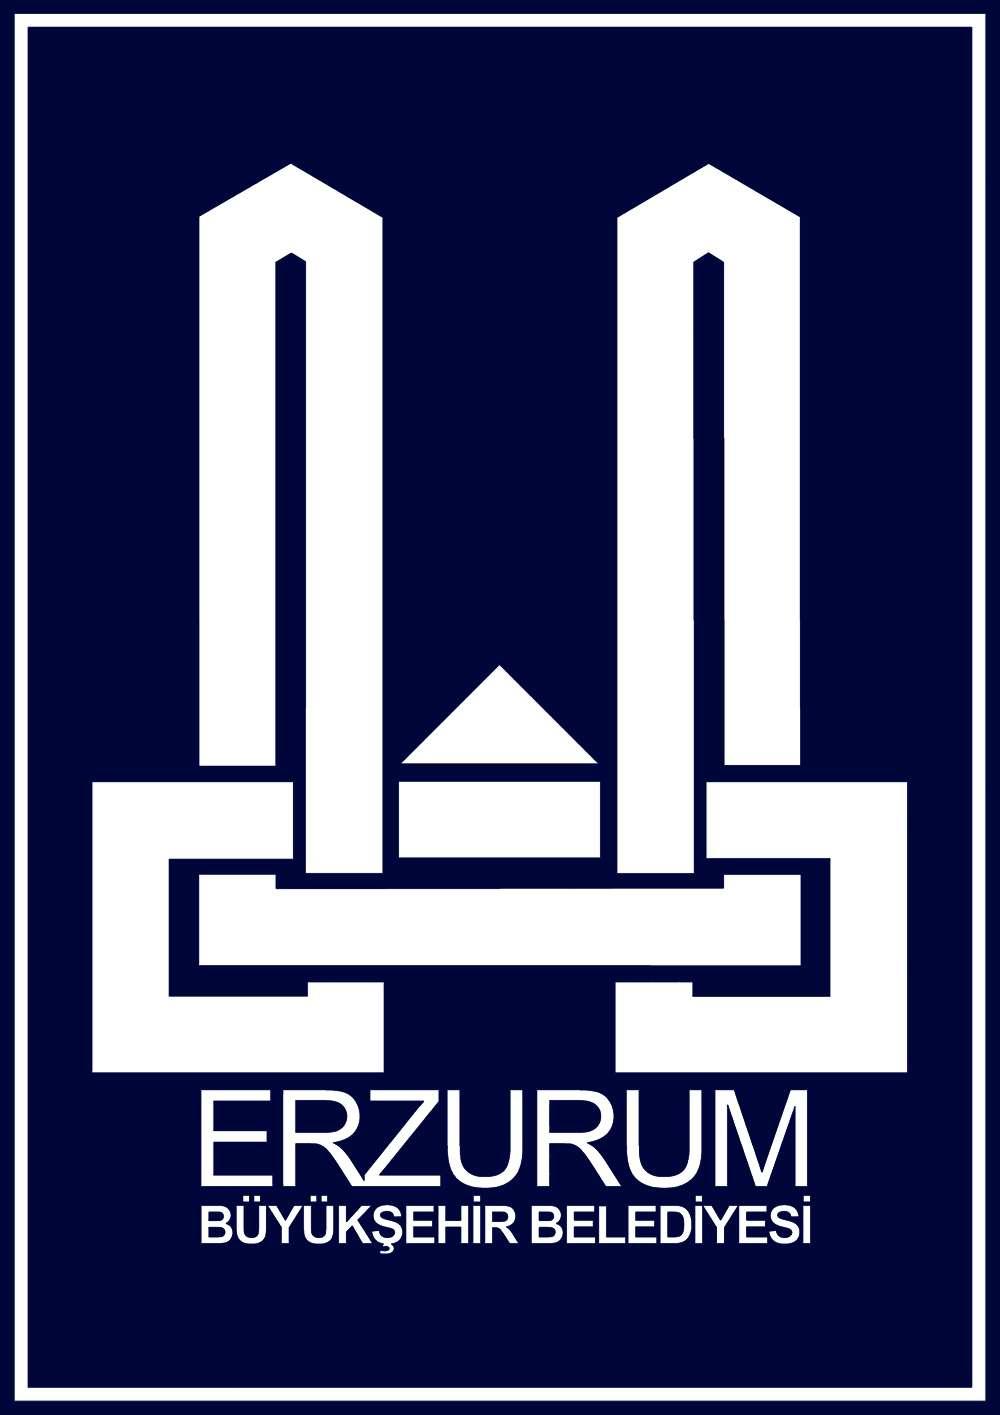 erzurum_buyuksehir_belediyesi_logo